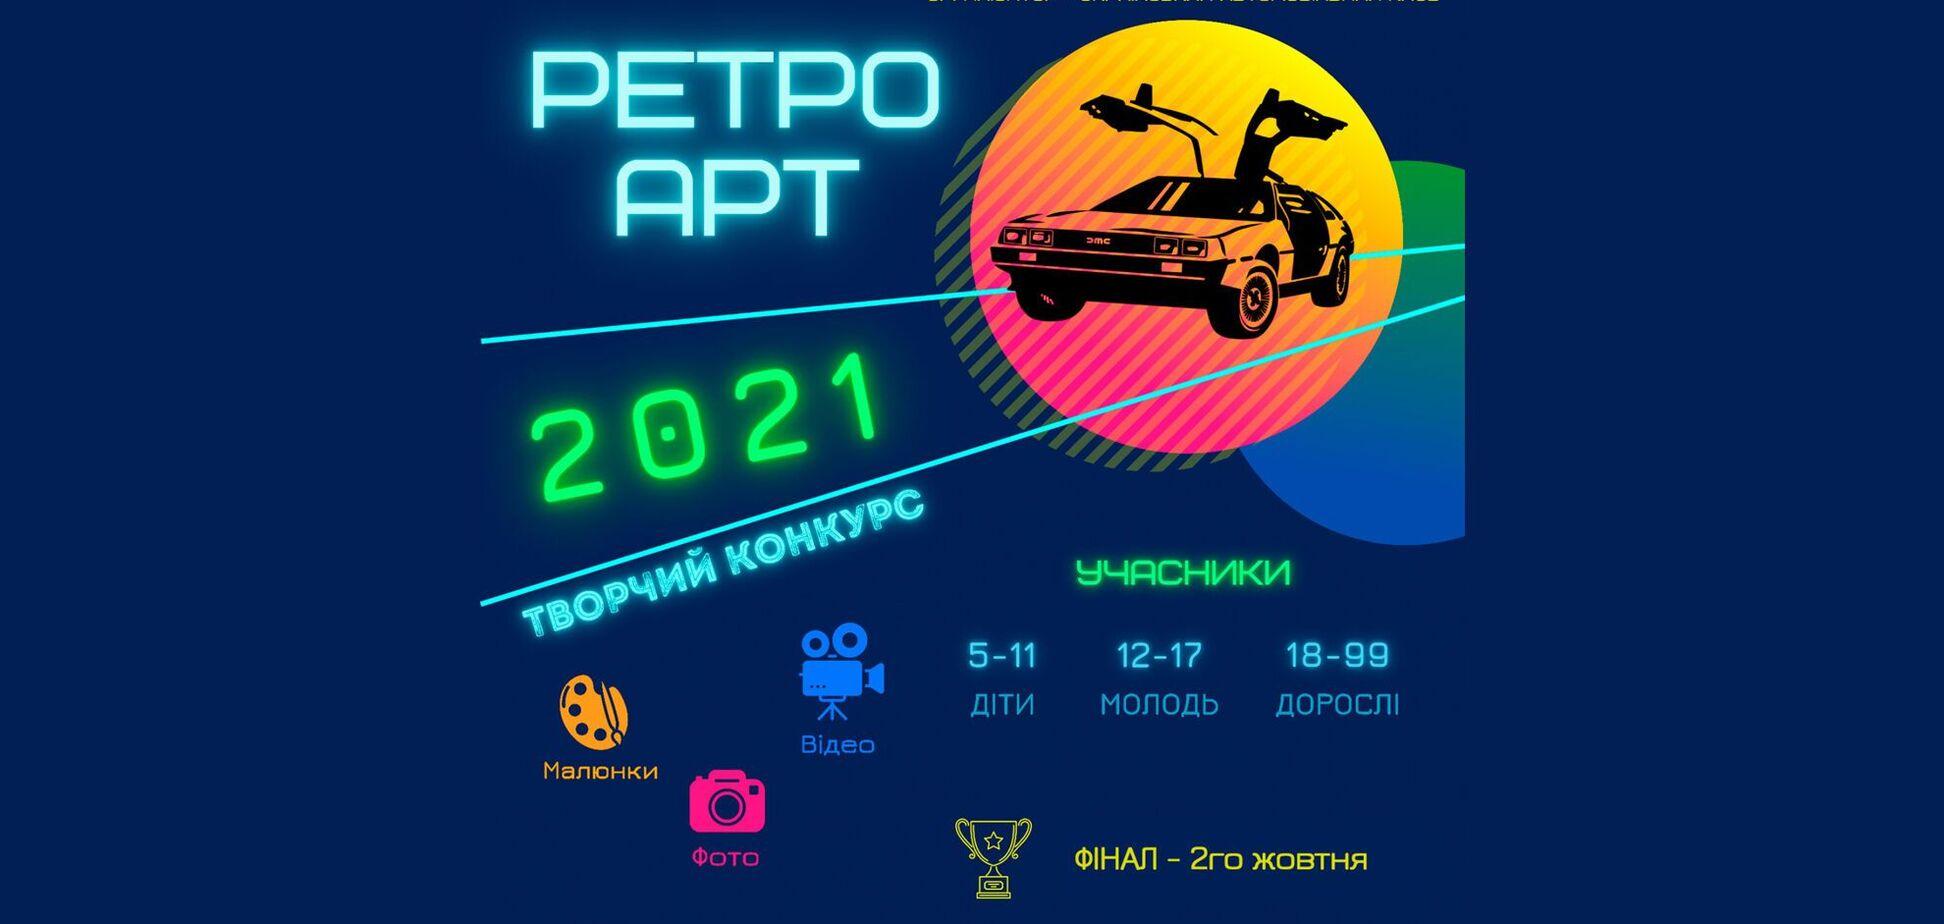 В Украине стартовал художественный конкурс 'Ретро Арт 2021'